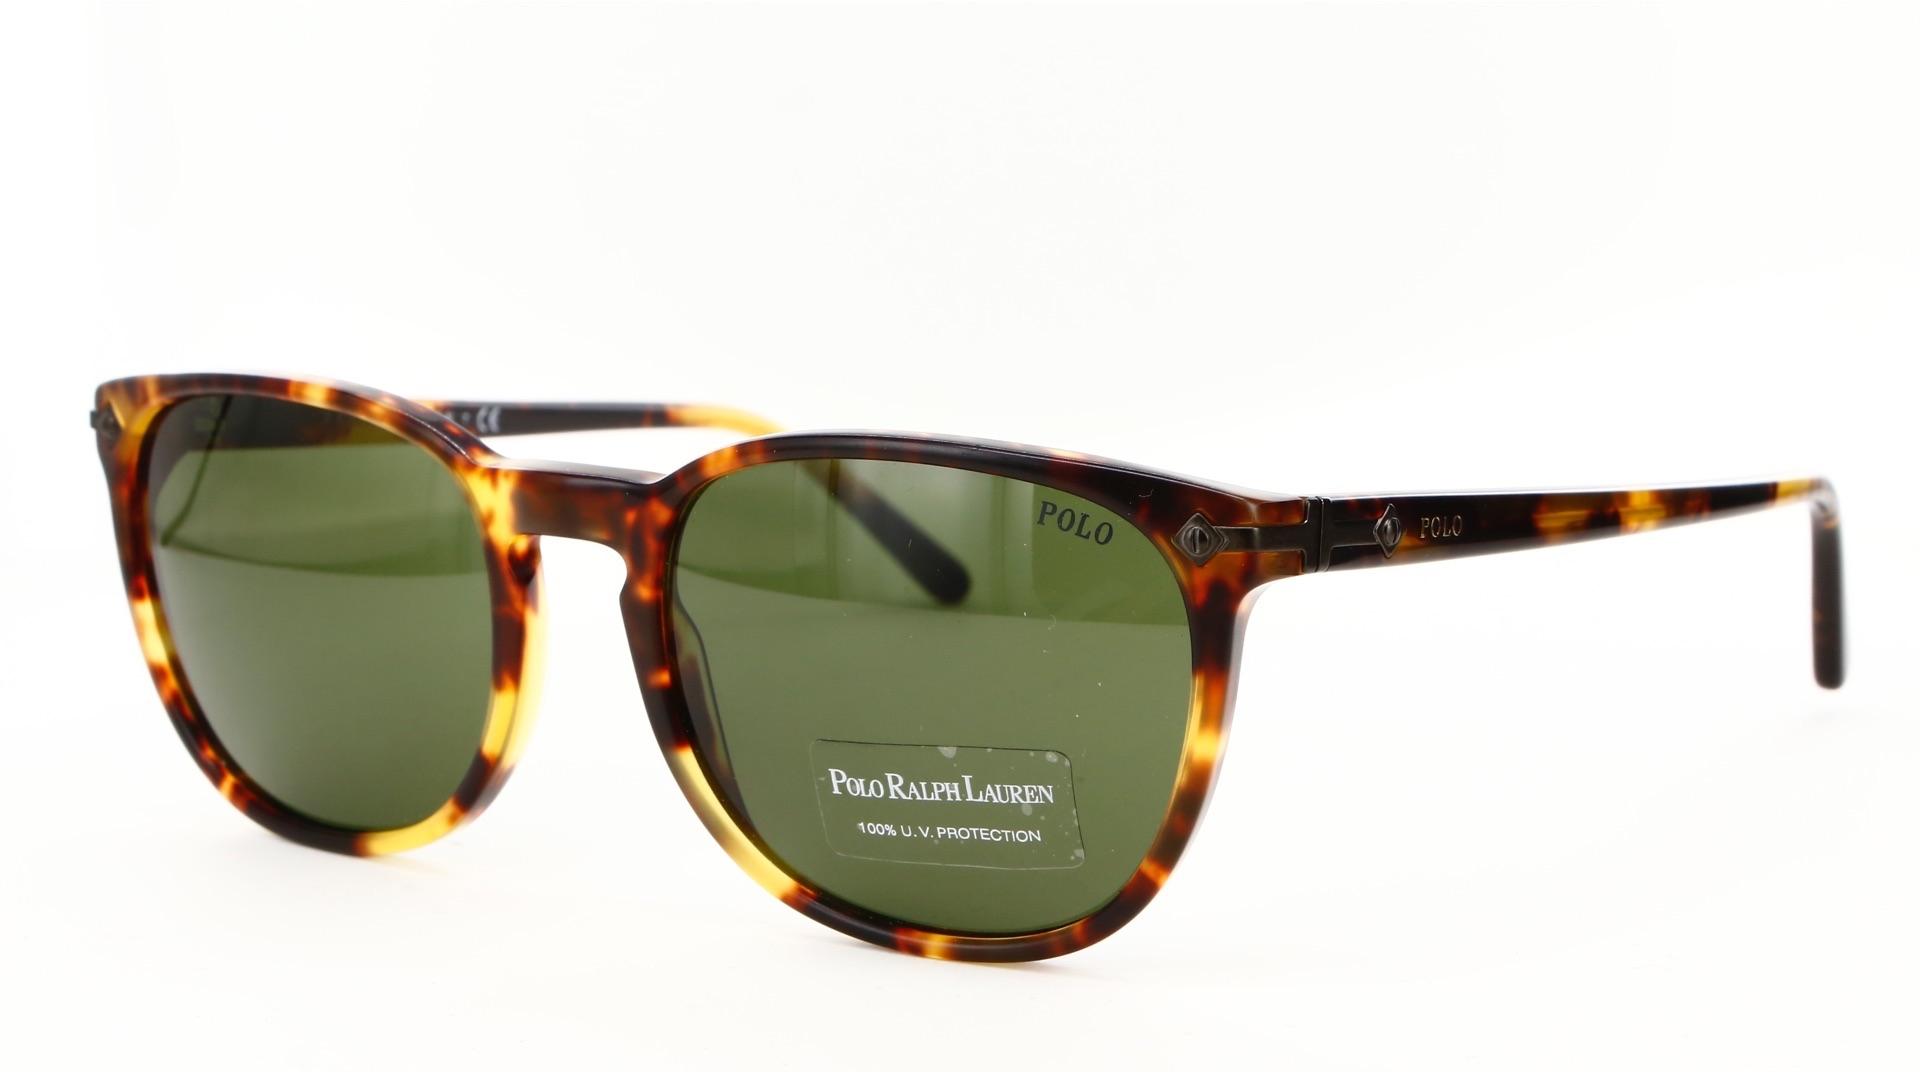 Polo Ralph Lauren - ref: 74512